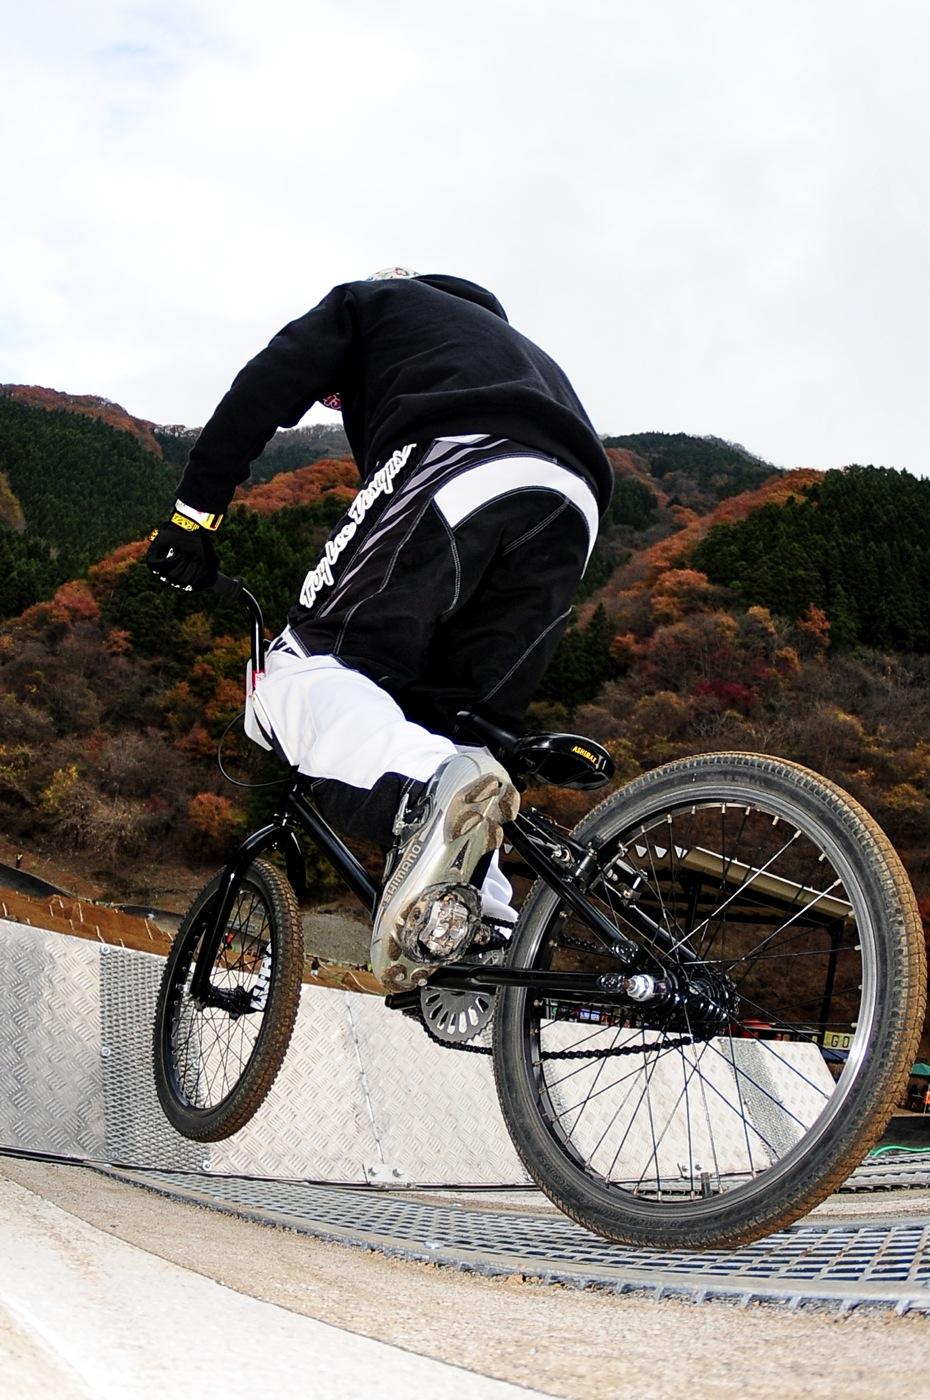 スタートマニア2009:秩父滝沢サイクルパークBMXトラック_b0065730_16295330.jpg